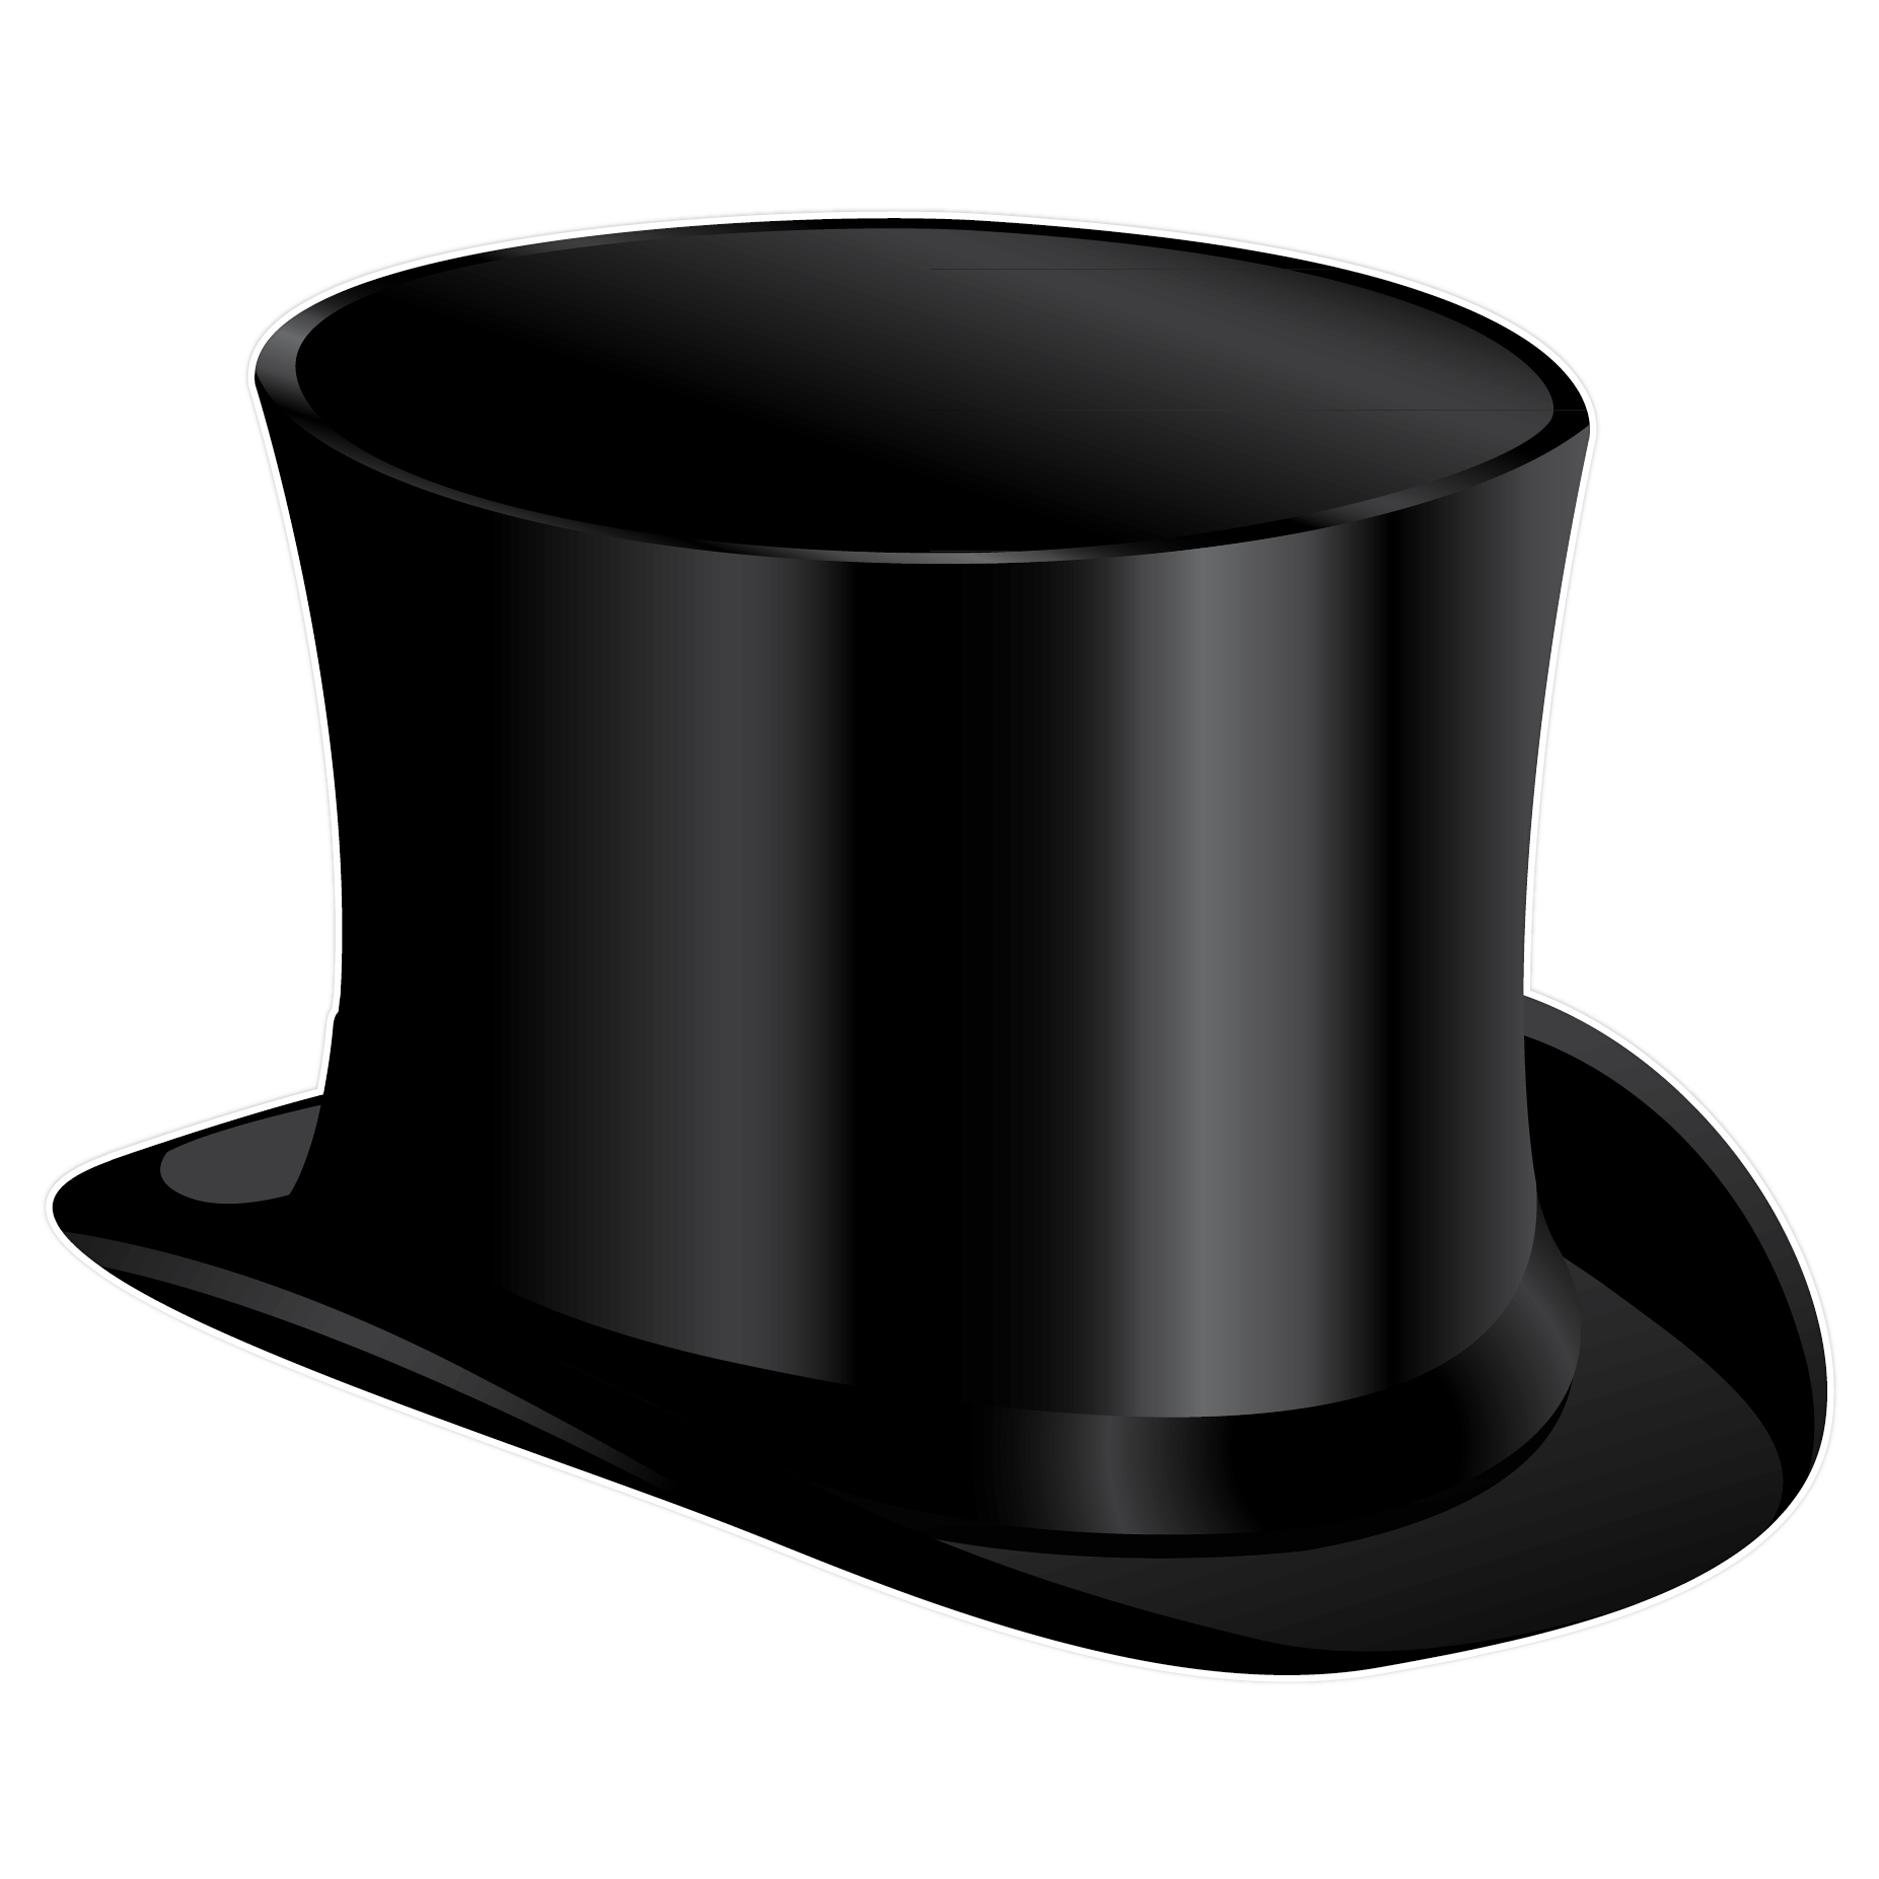 1879x1879 Top Hat Clip Art